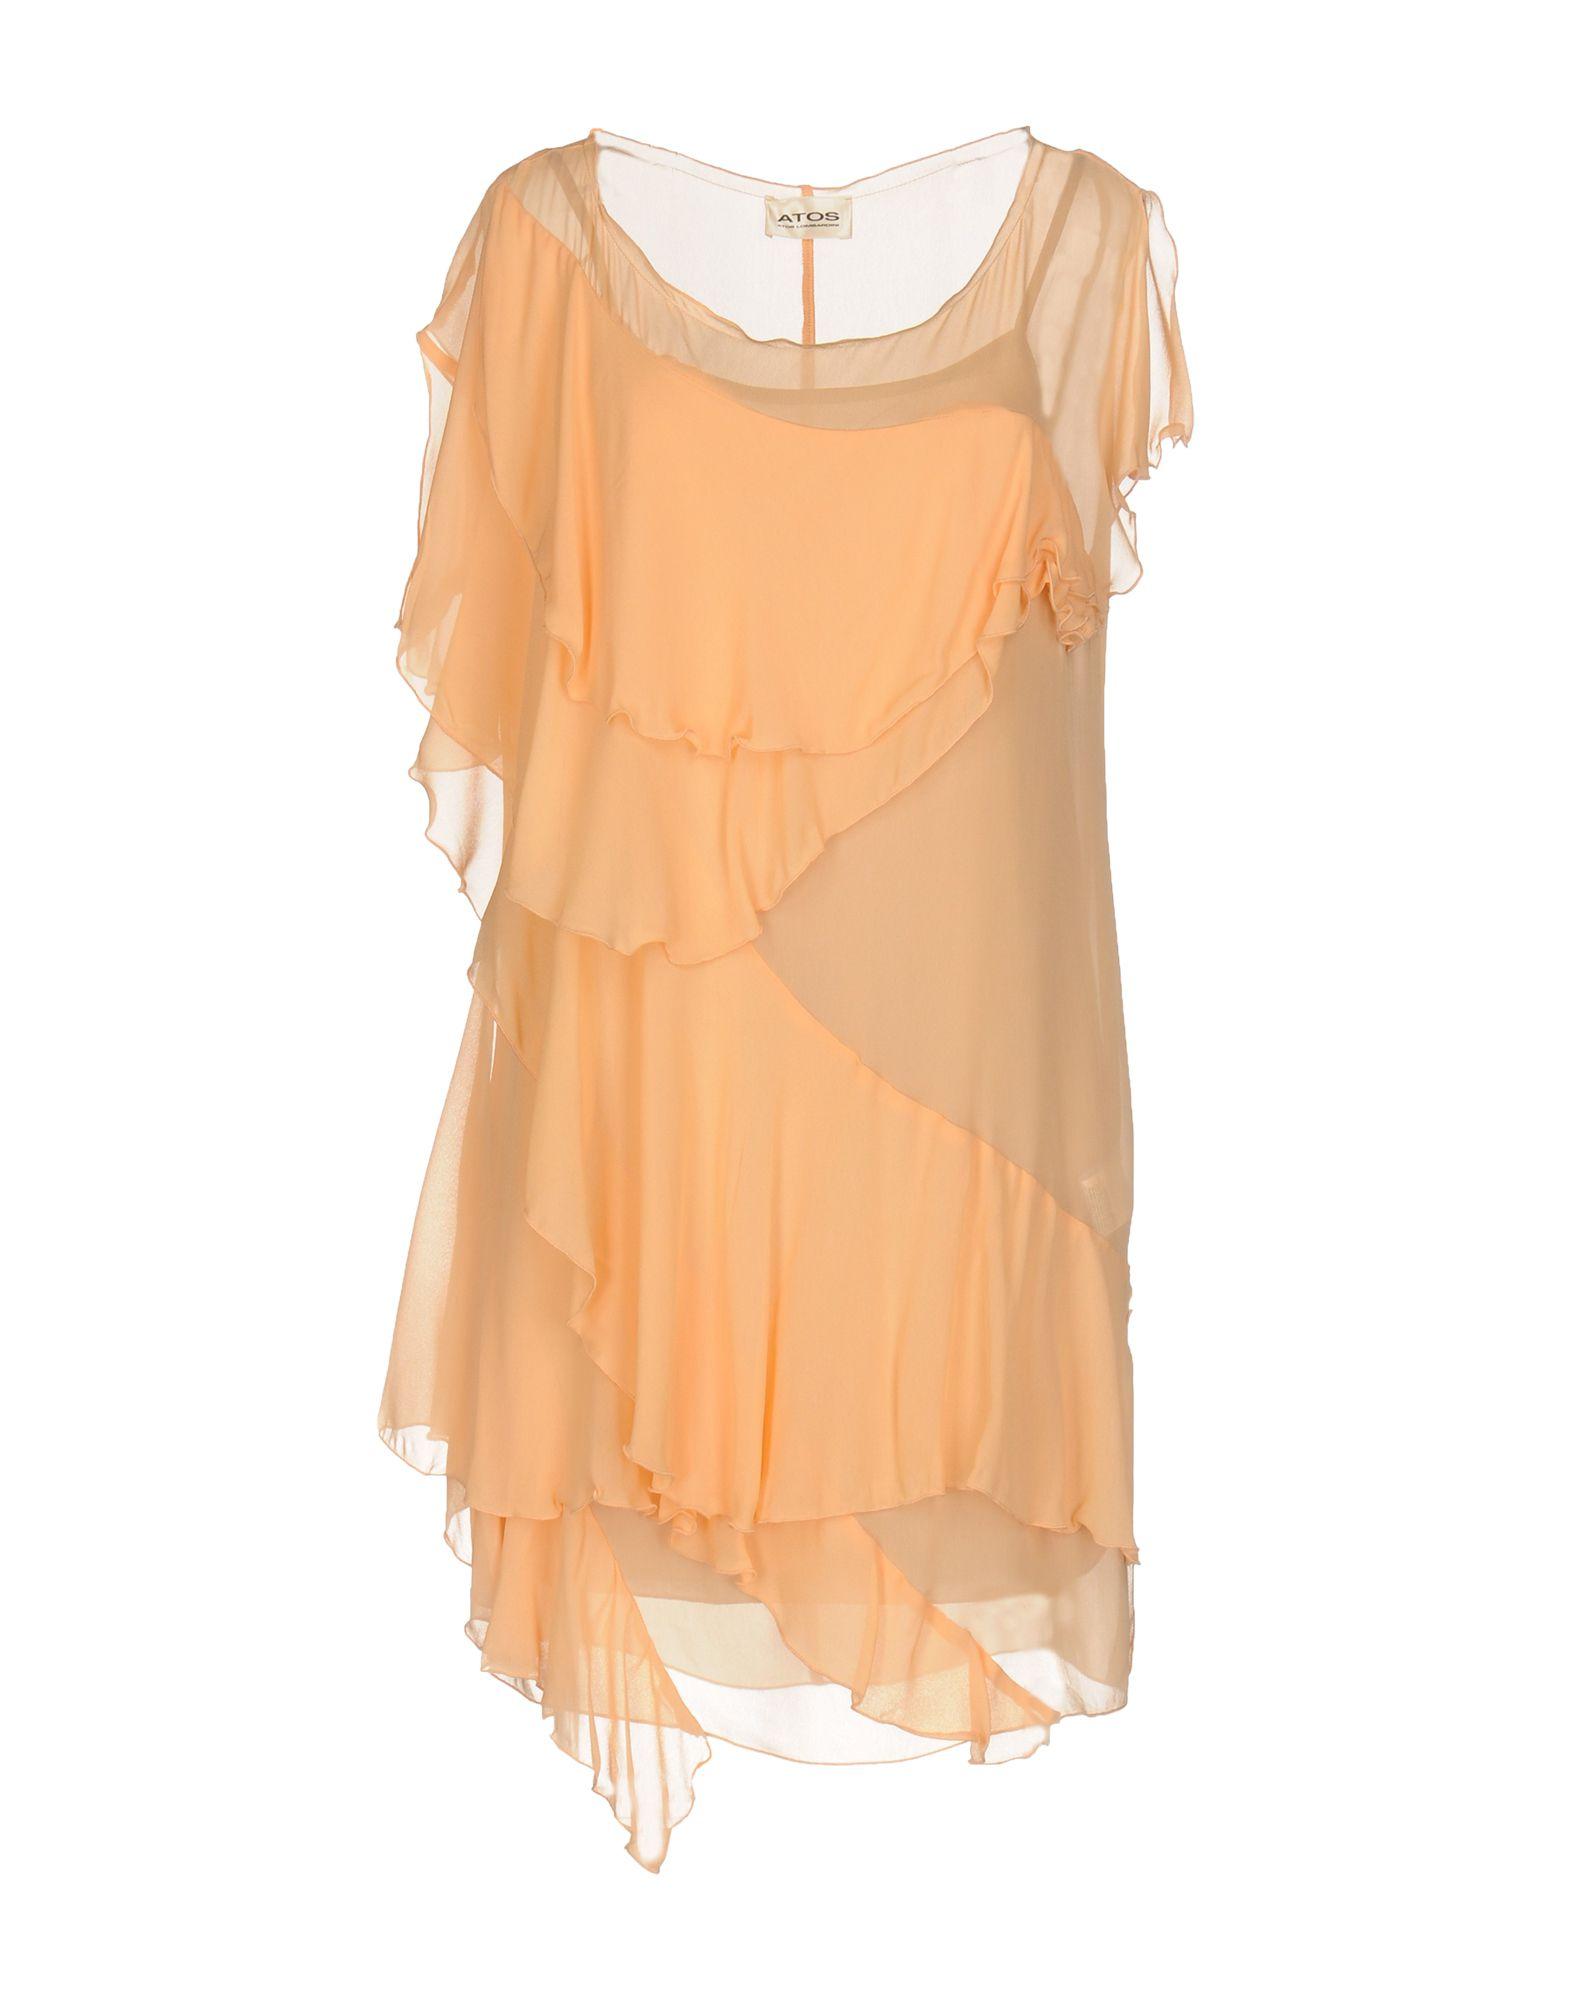 ATOS ATOS LOMBARDINI Короткое платье atos atos lombardini короткое платье